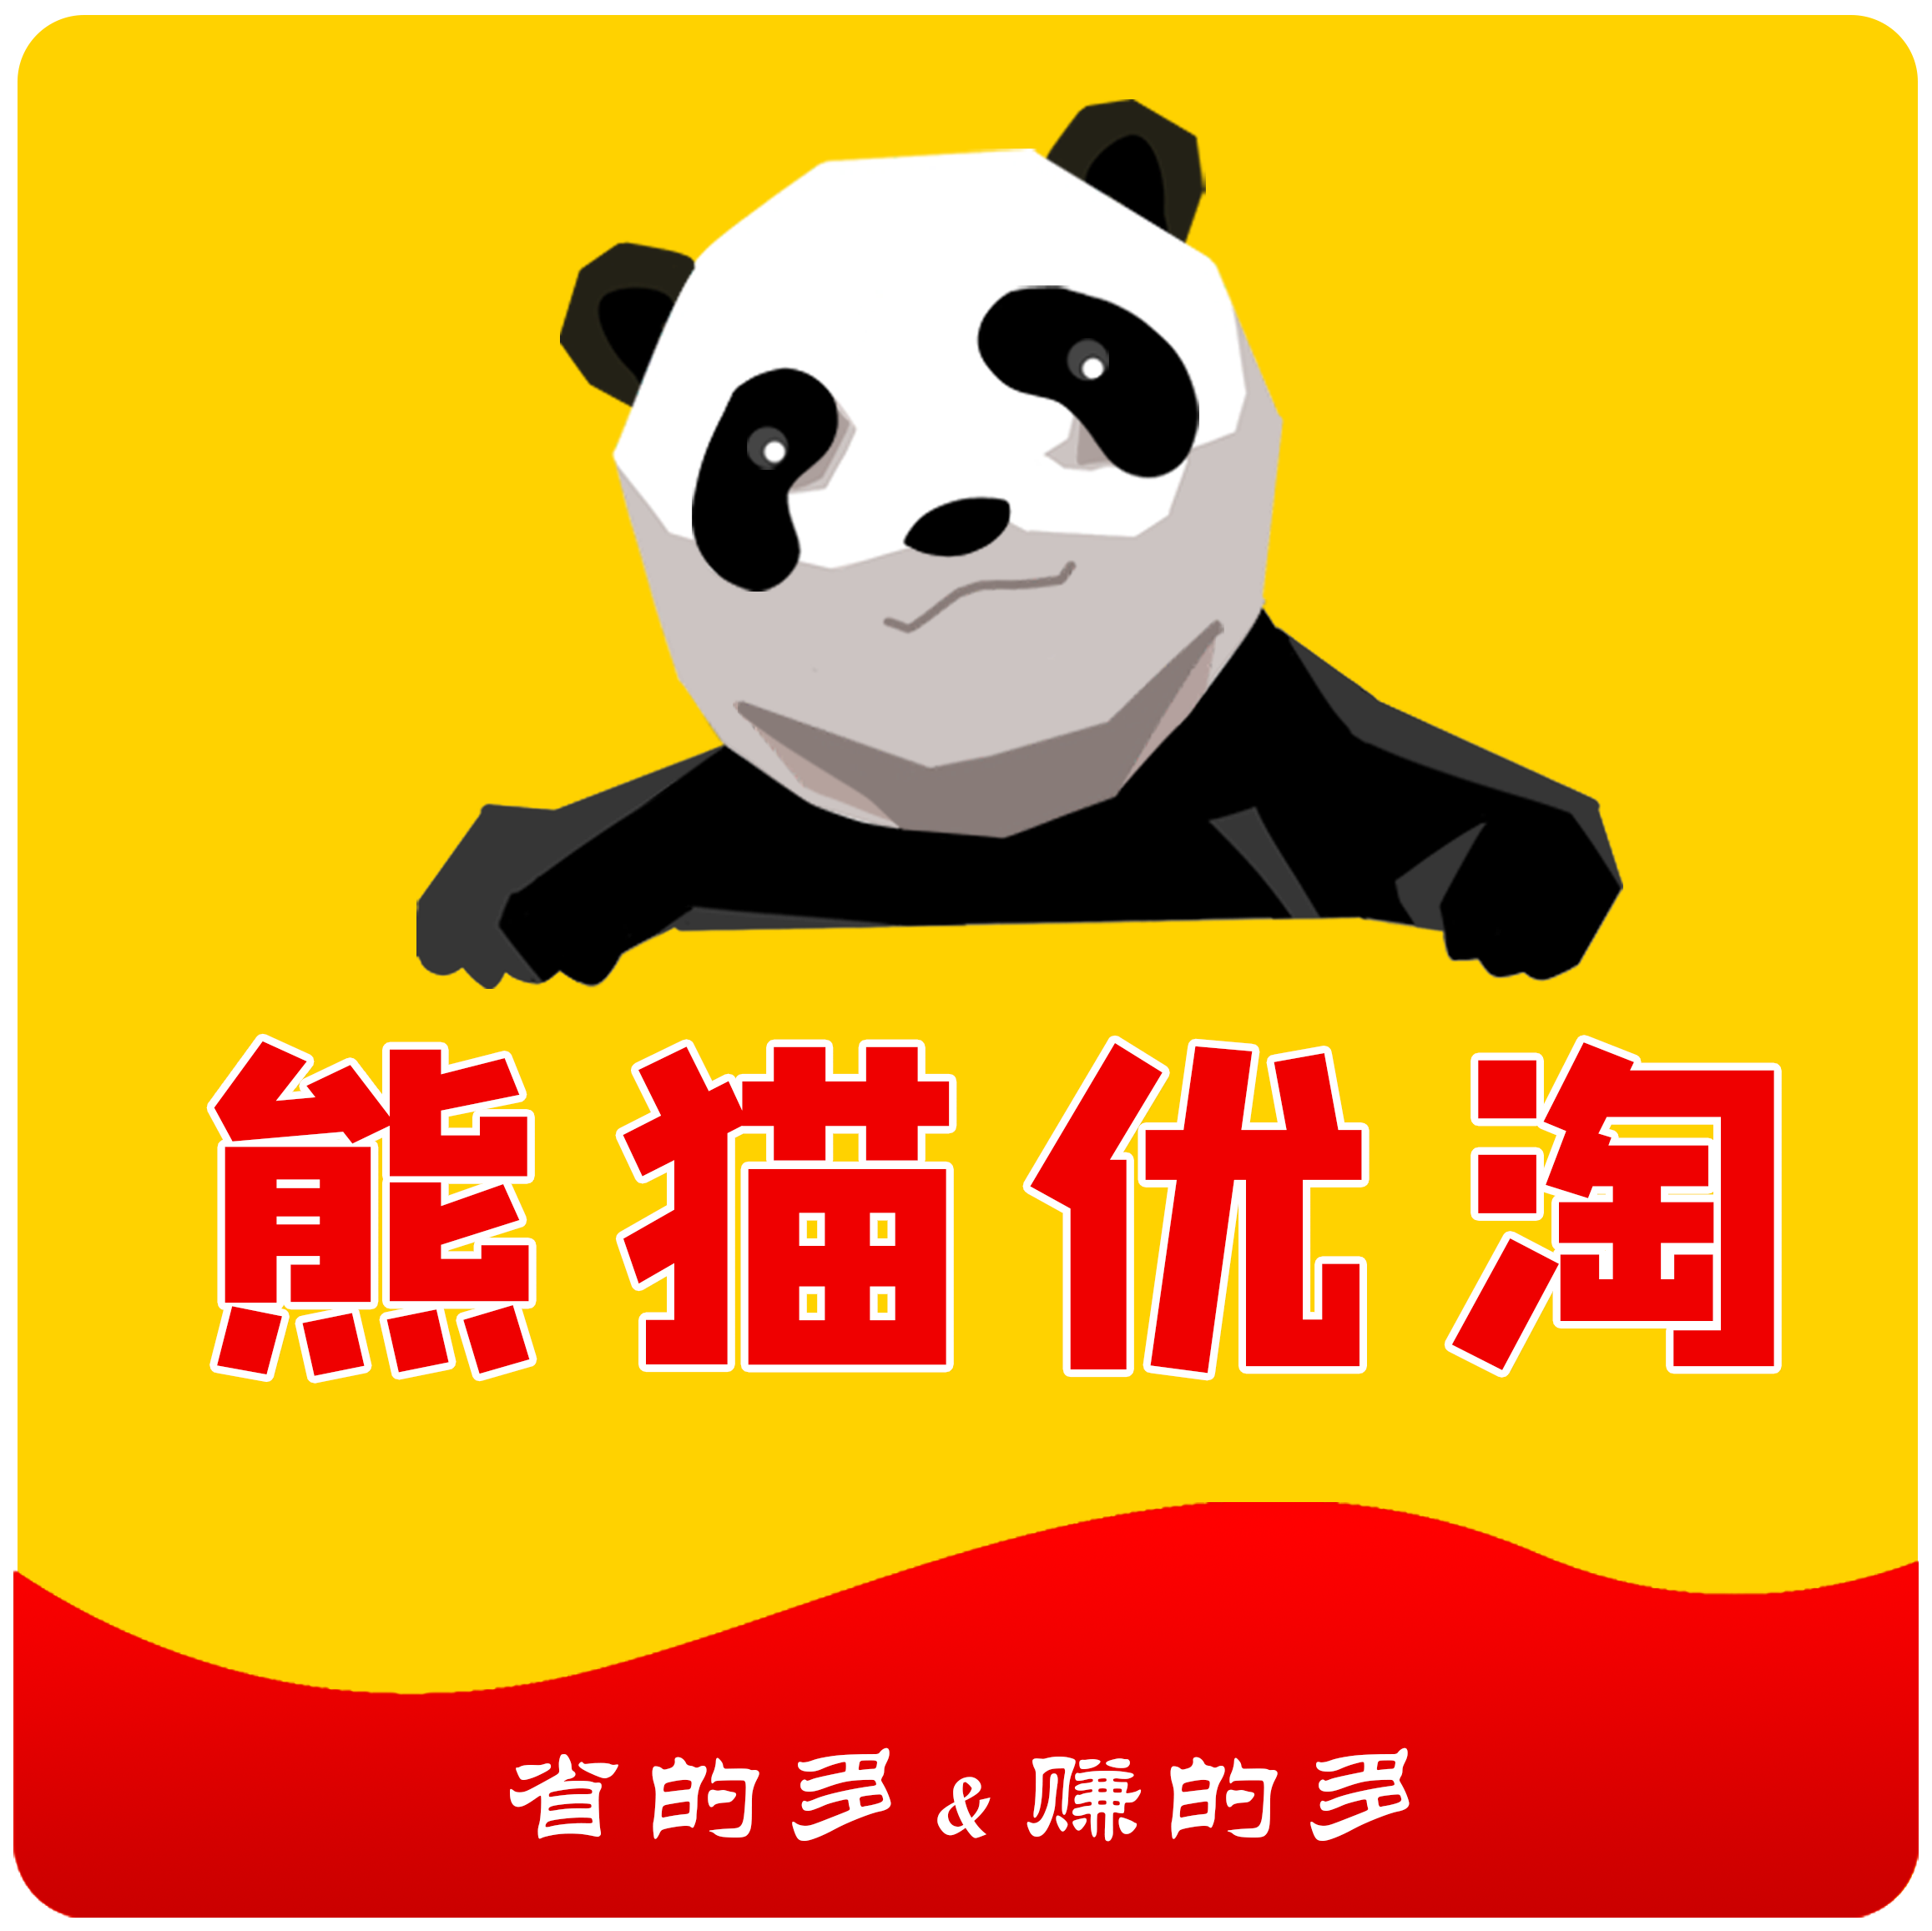 熊猫优淘购物返利安卓手机app